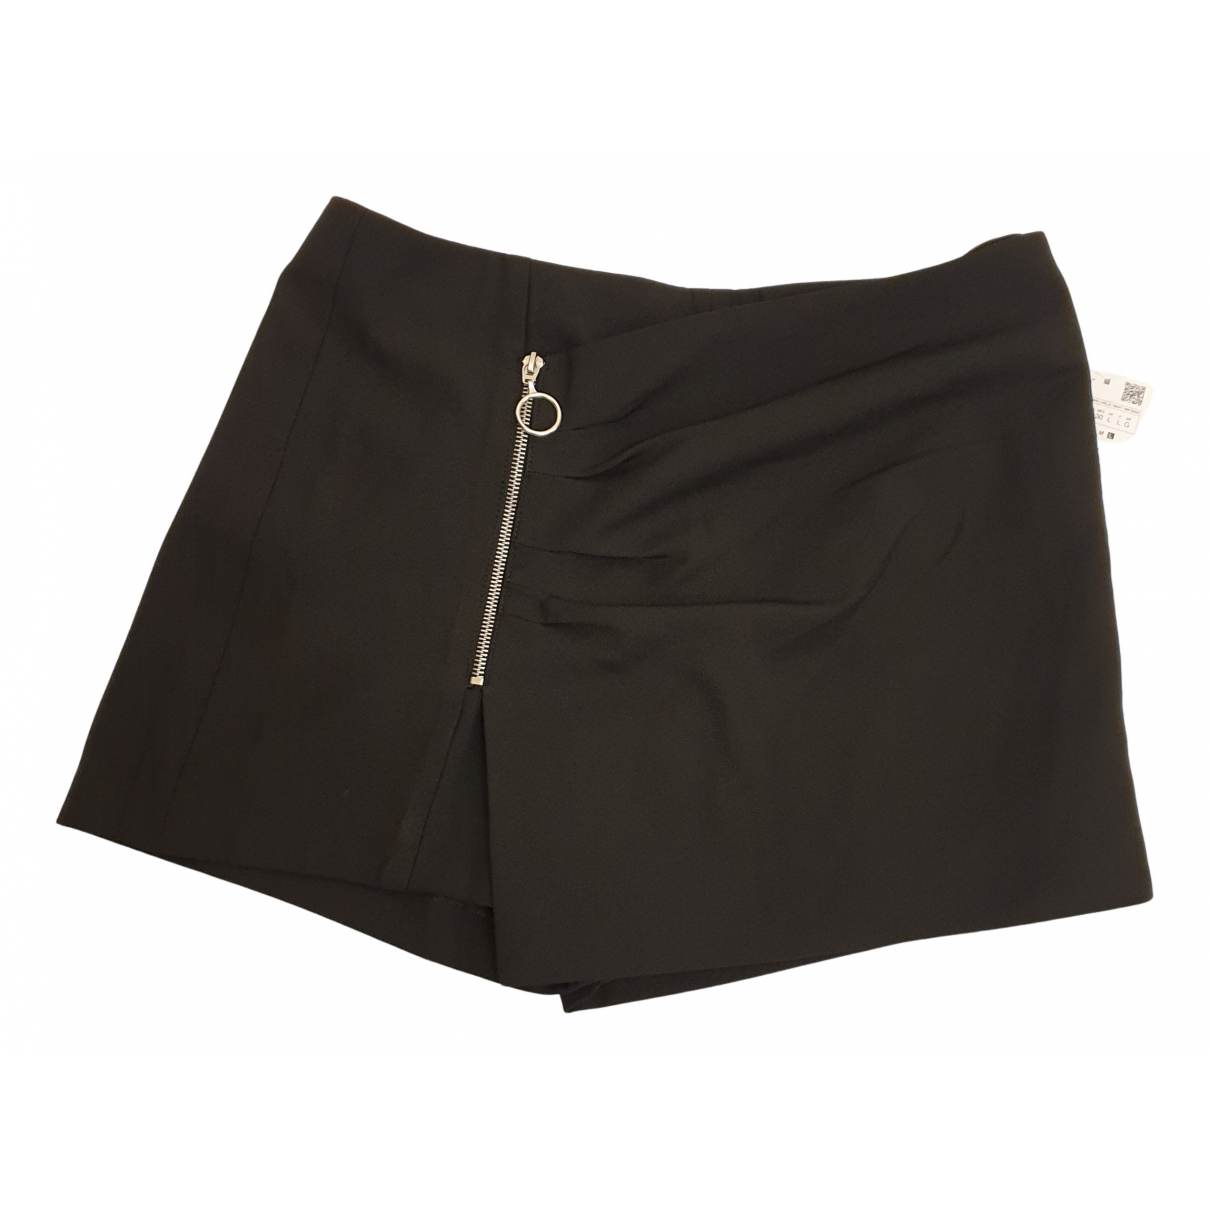 Bermudas en Poliester Negro Zara